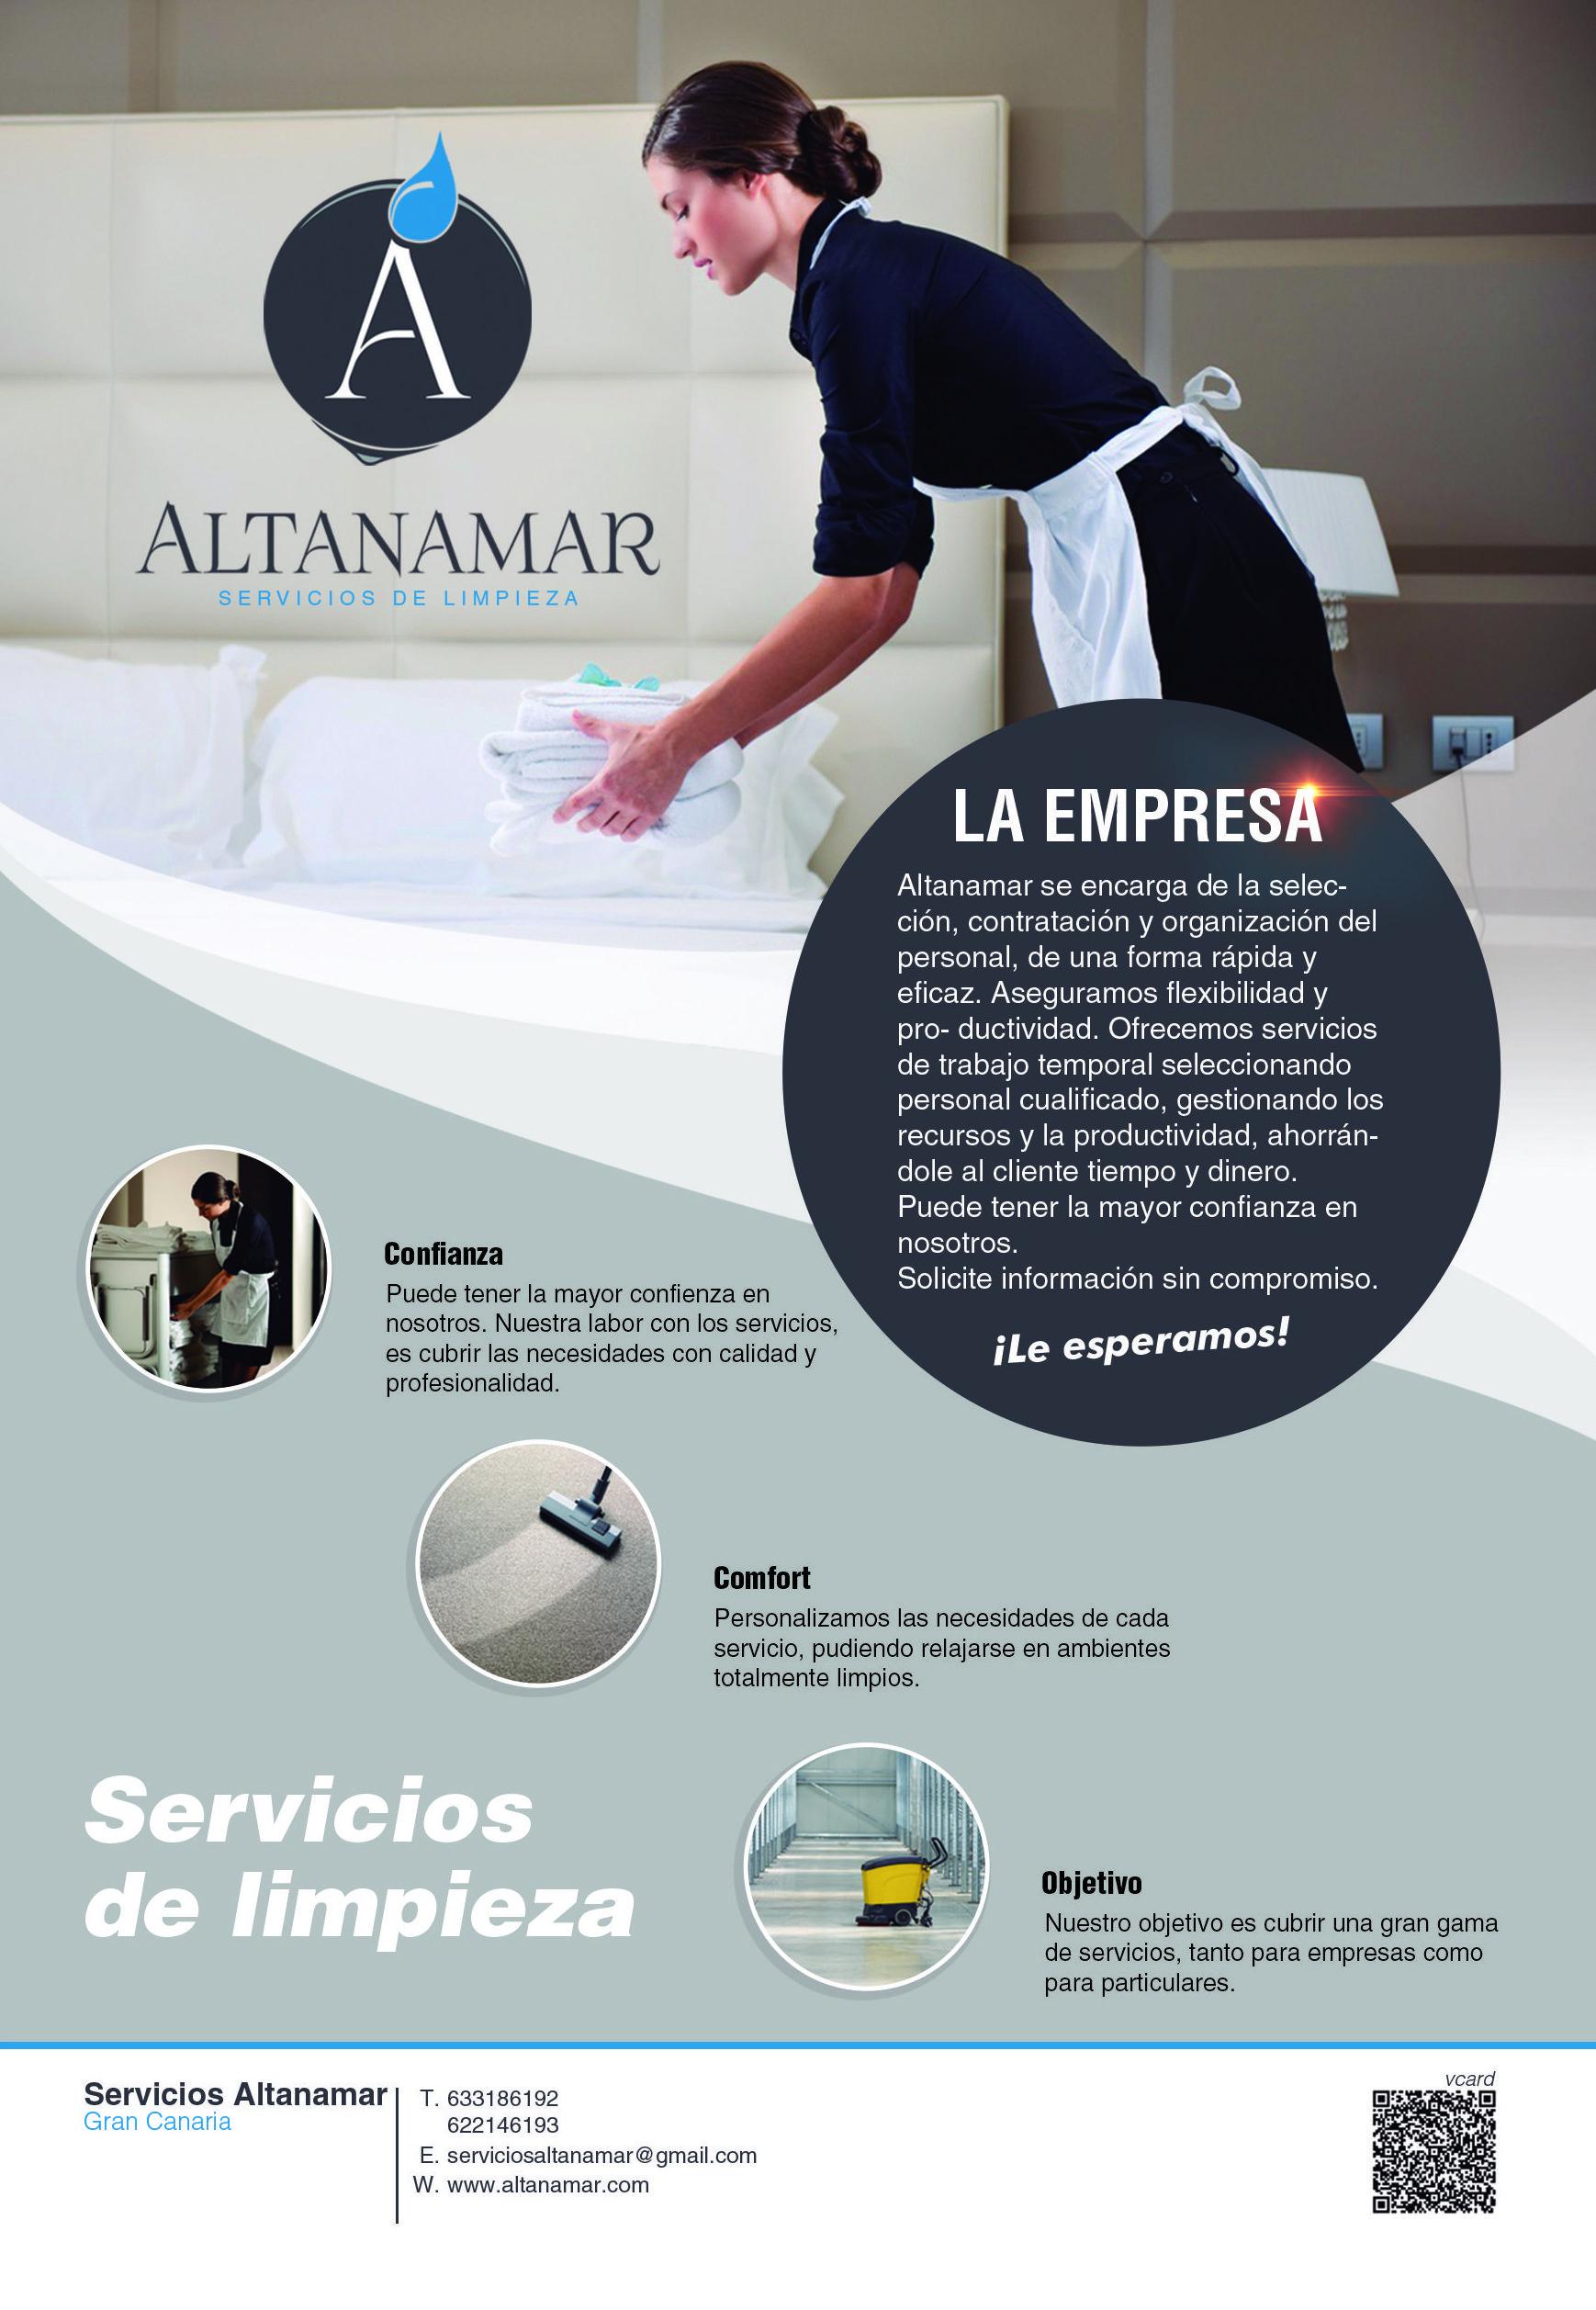 Empresas de limpieza en las palmas para trabajar fabulous ver ofertas with empresas de limpieza - Bolsa de trabajo las palmas ...